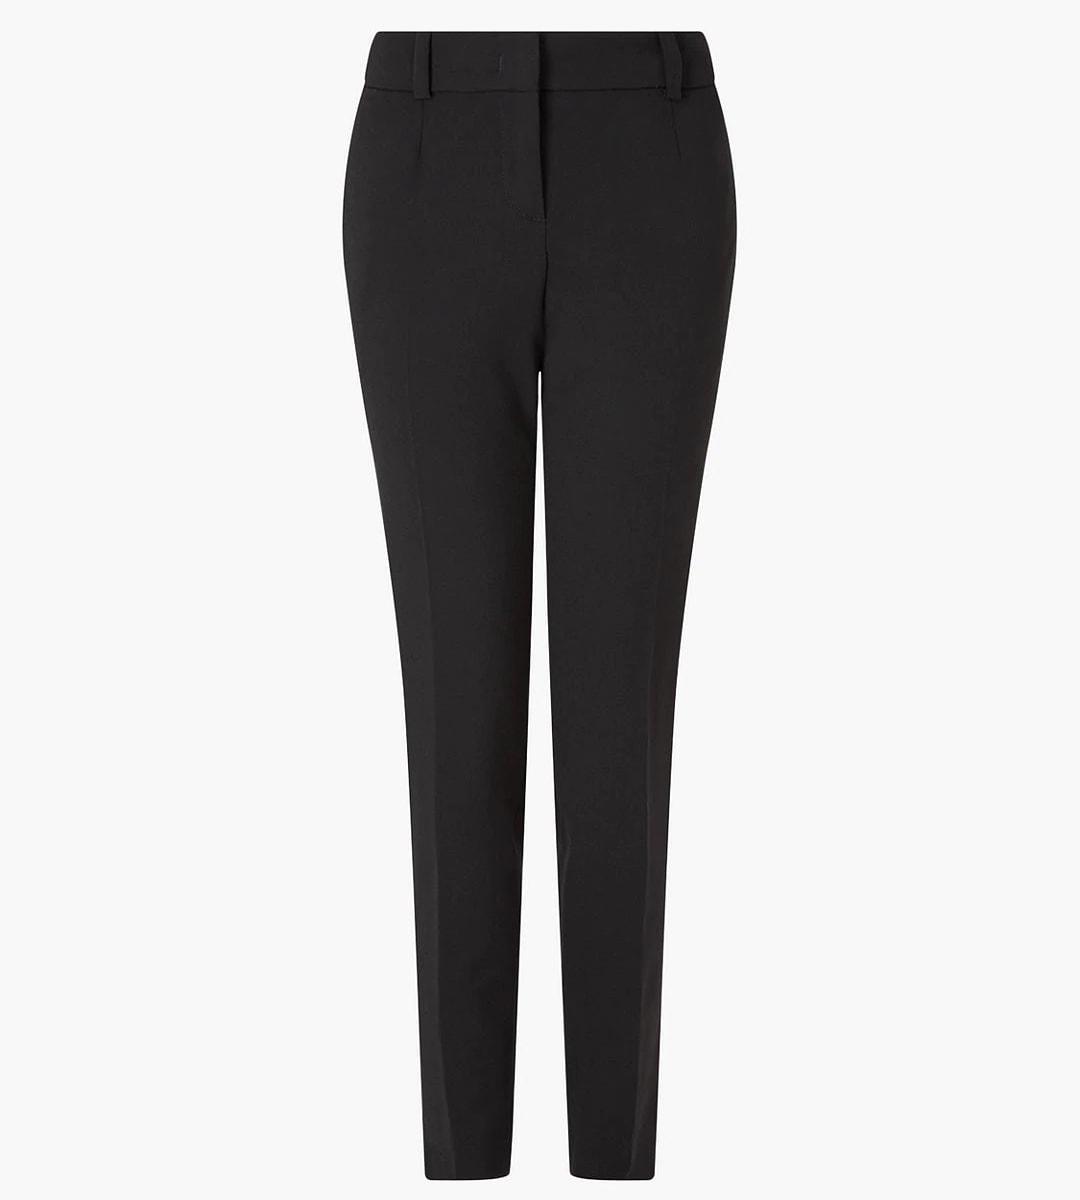 jigsaw-paris-slim-tapered-trousers_1_orig.jpg